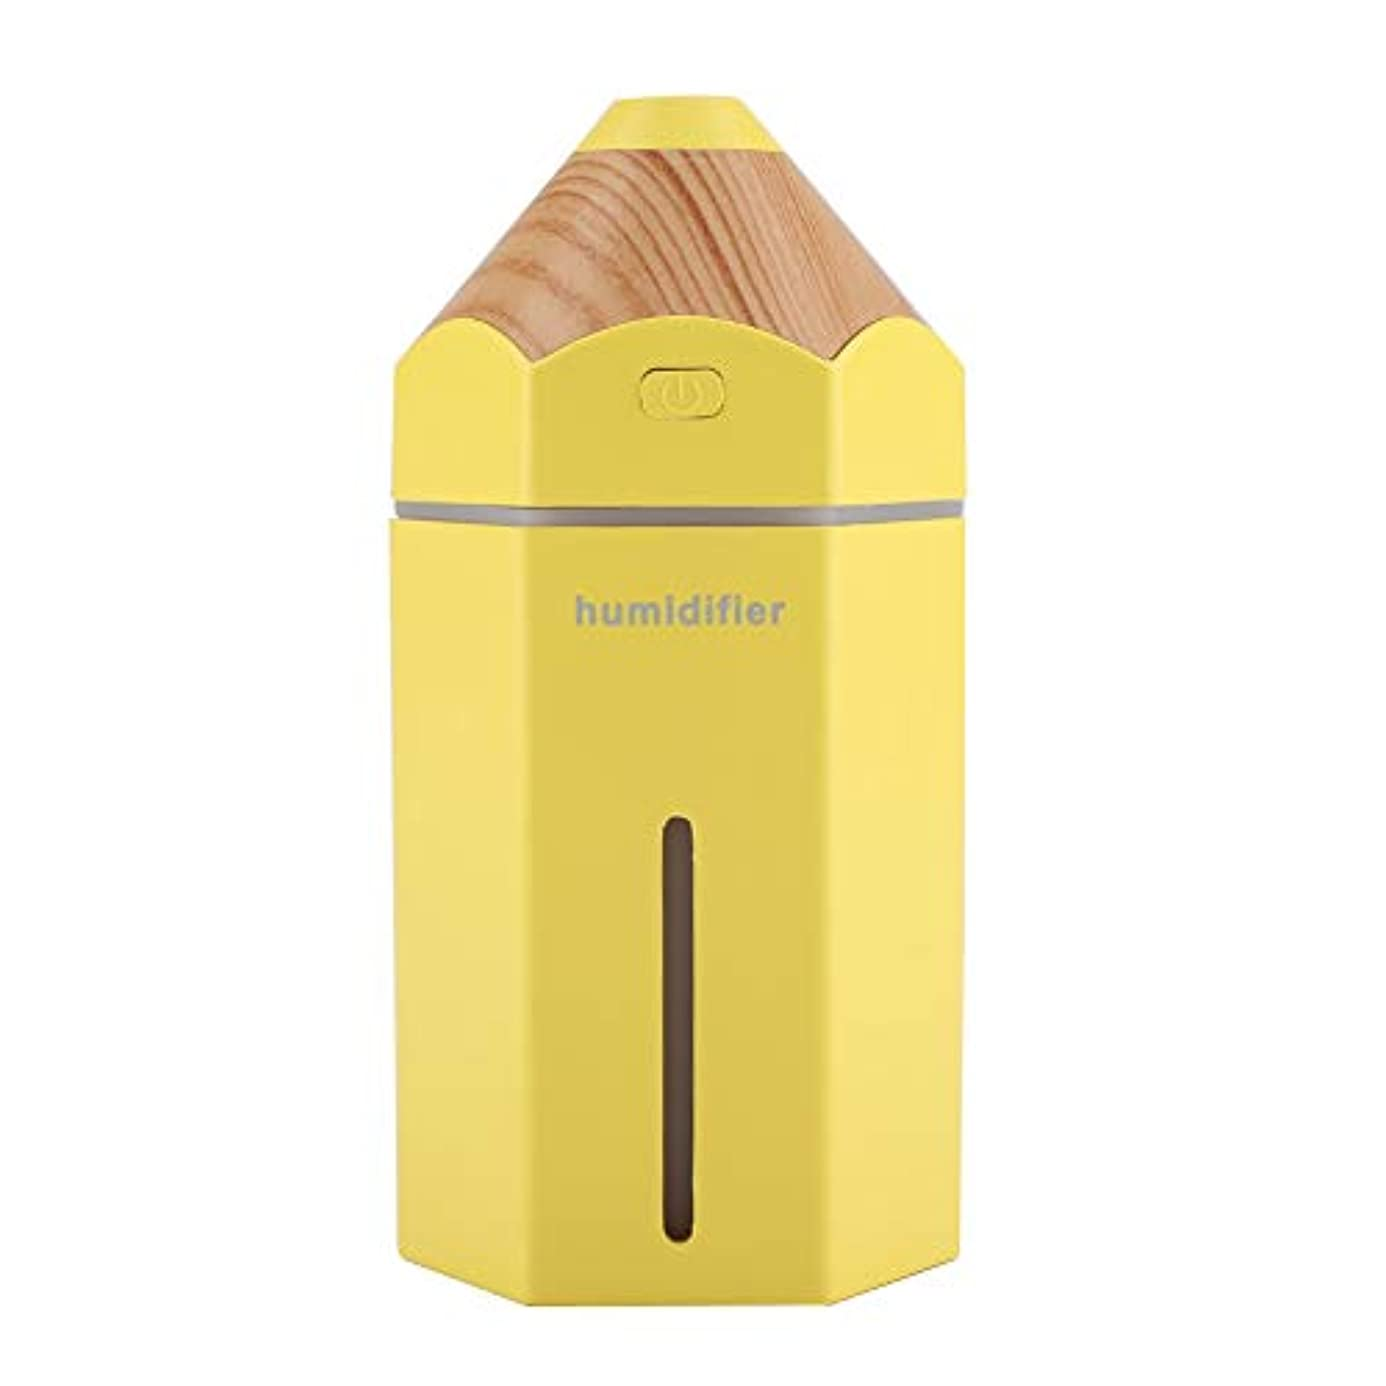 驚きアグネスグレイ追跡USBの拡散器、再充電可能な携帯用車のオフィスの超音波加湿器7色LEDライト拡散器(黄)